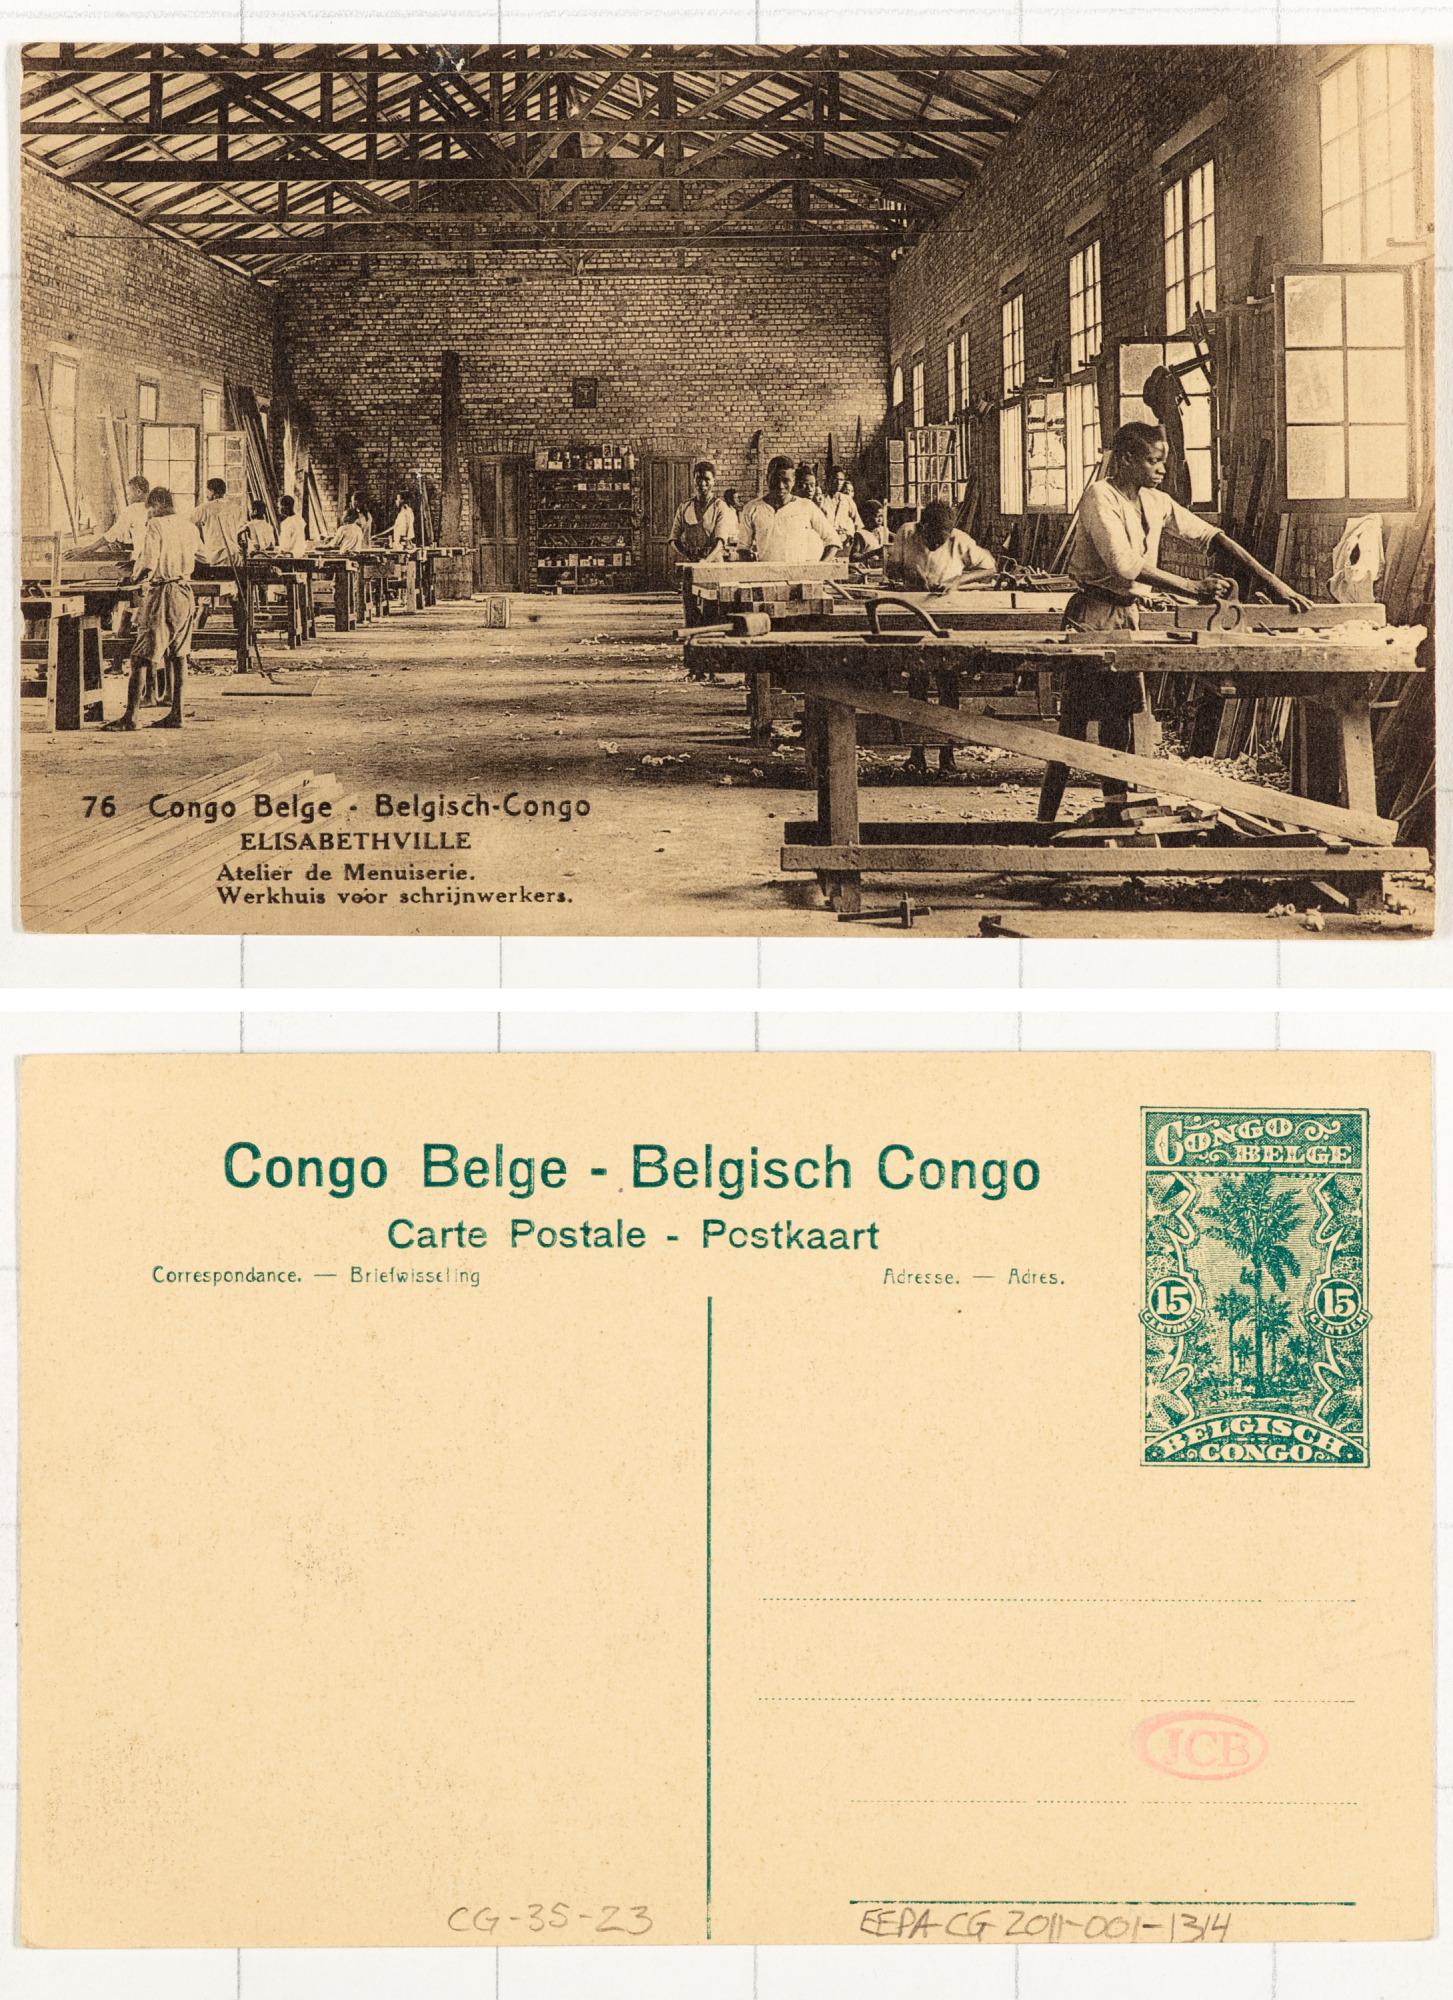 76. Congo Belge Elisabethville: Ateliers de menuiserie